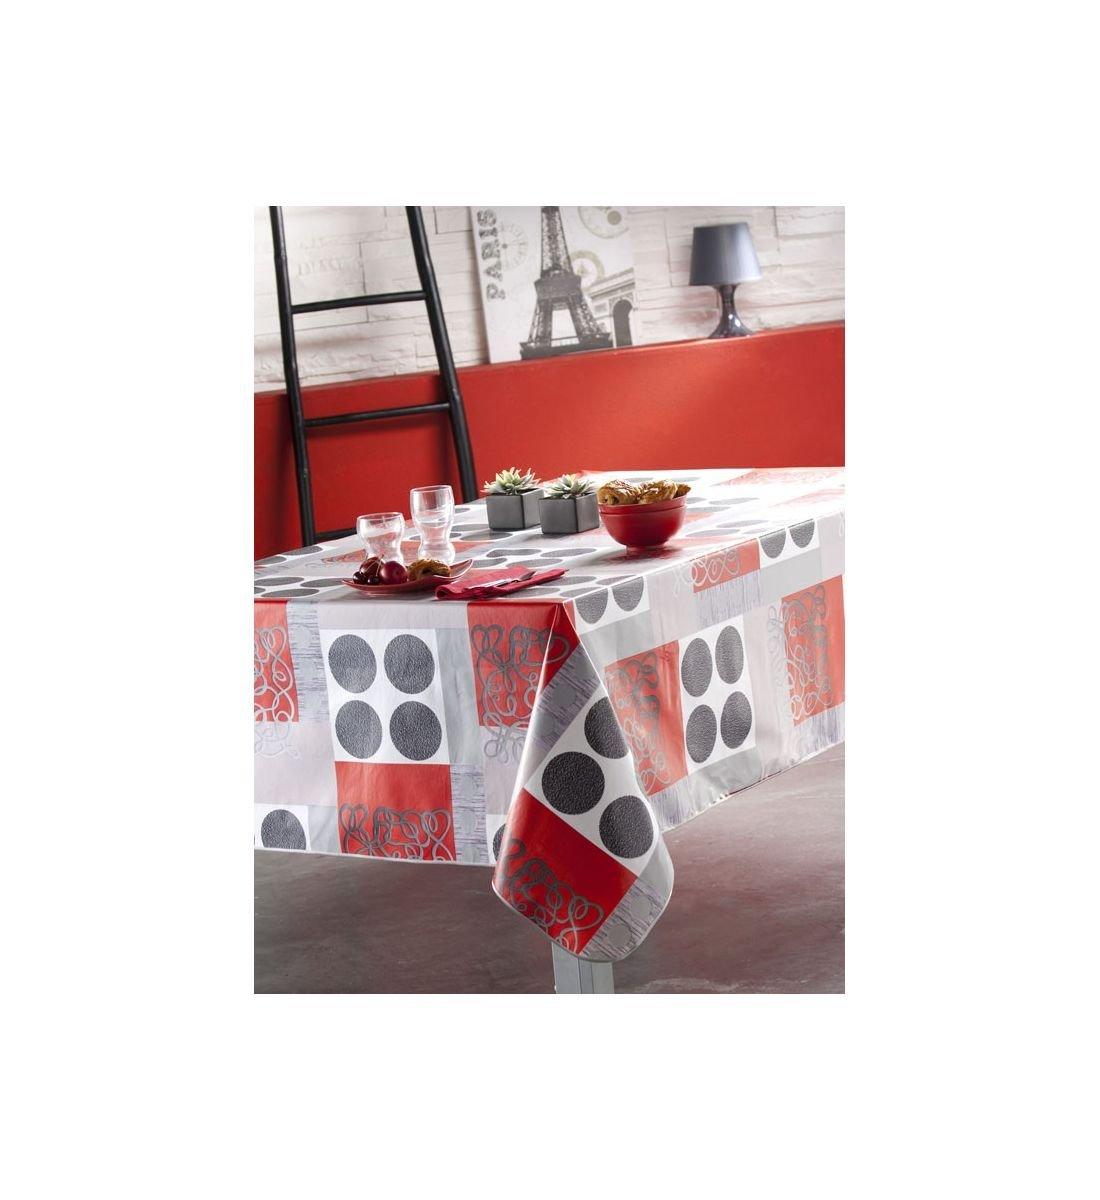 Flag–Tovaglia Tela Cerata–Rect. 140x 200cm Home And Deco